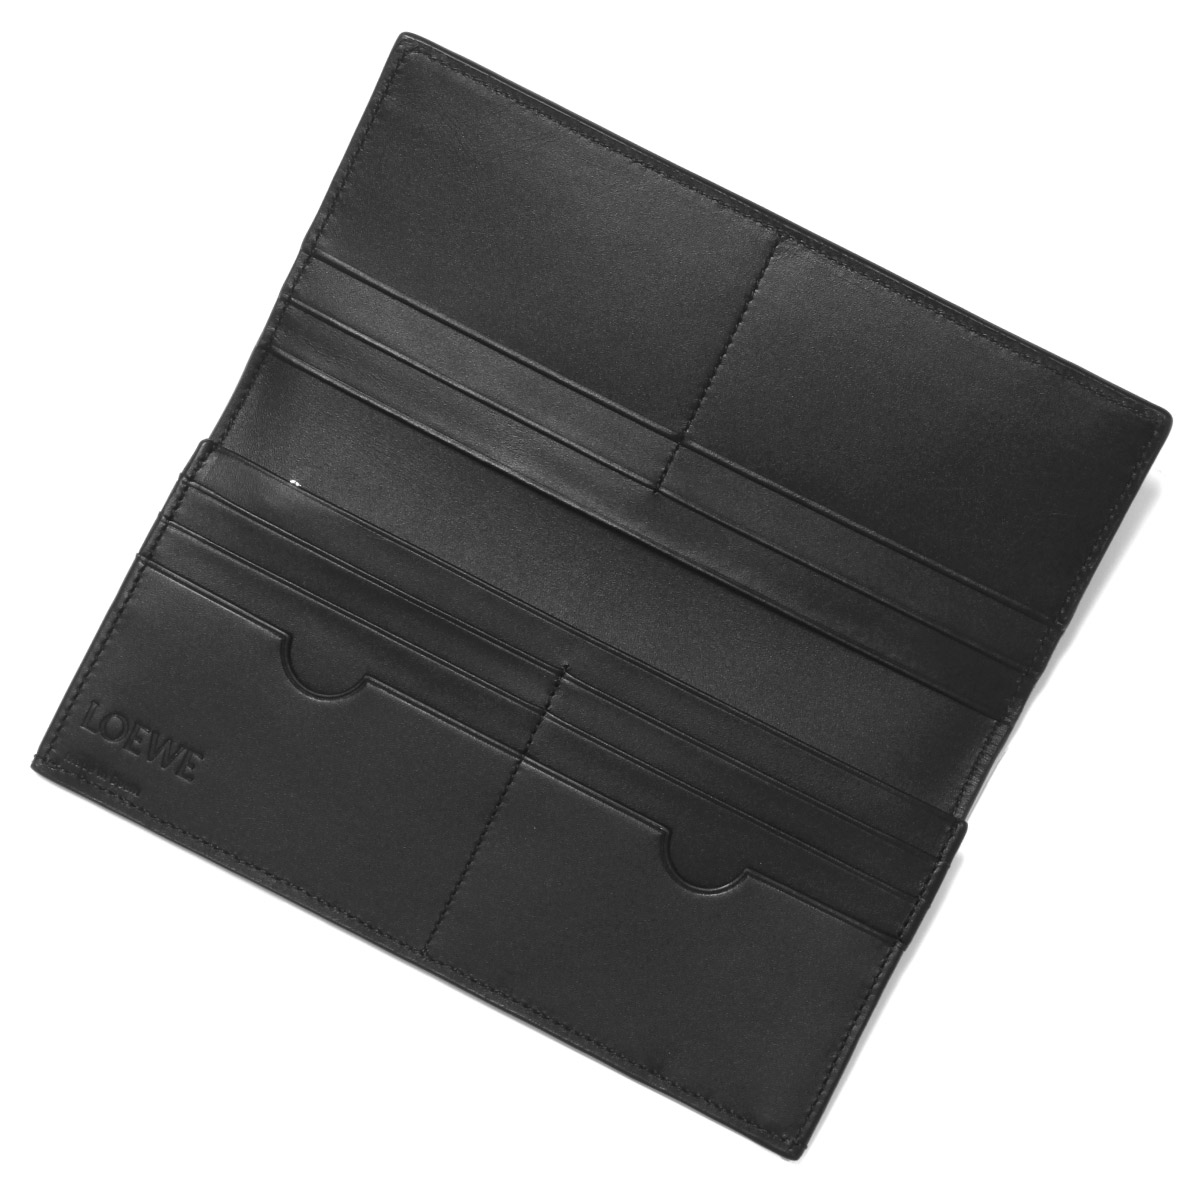 LOEWE ロエベ | 二つ折り長財布